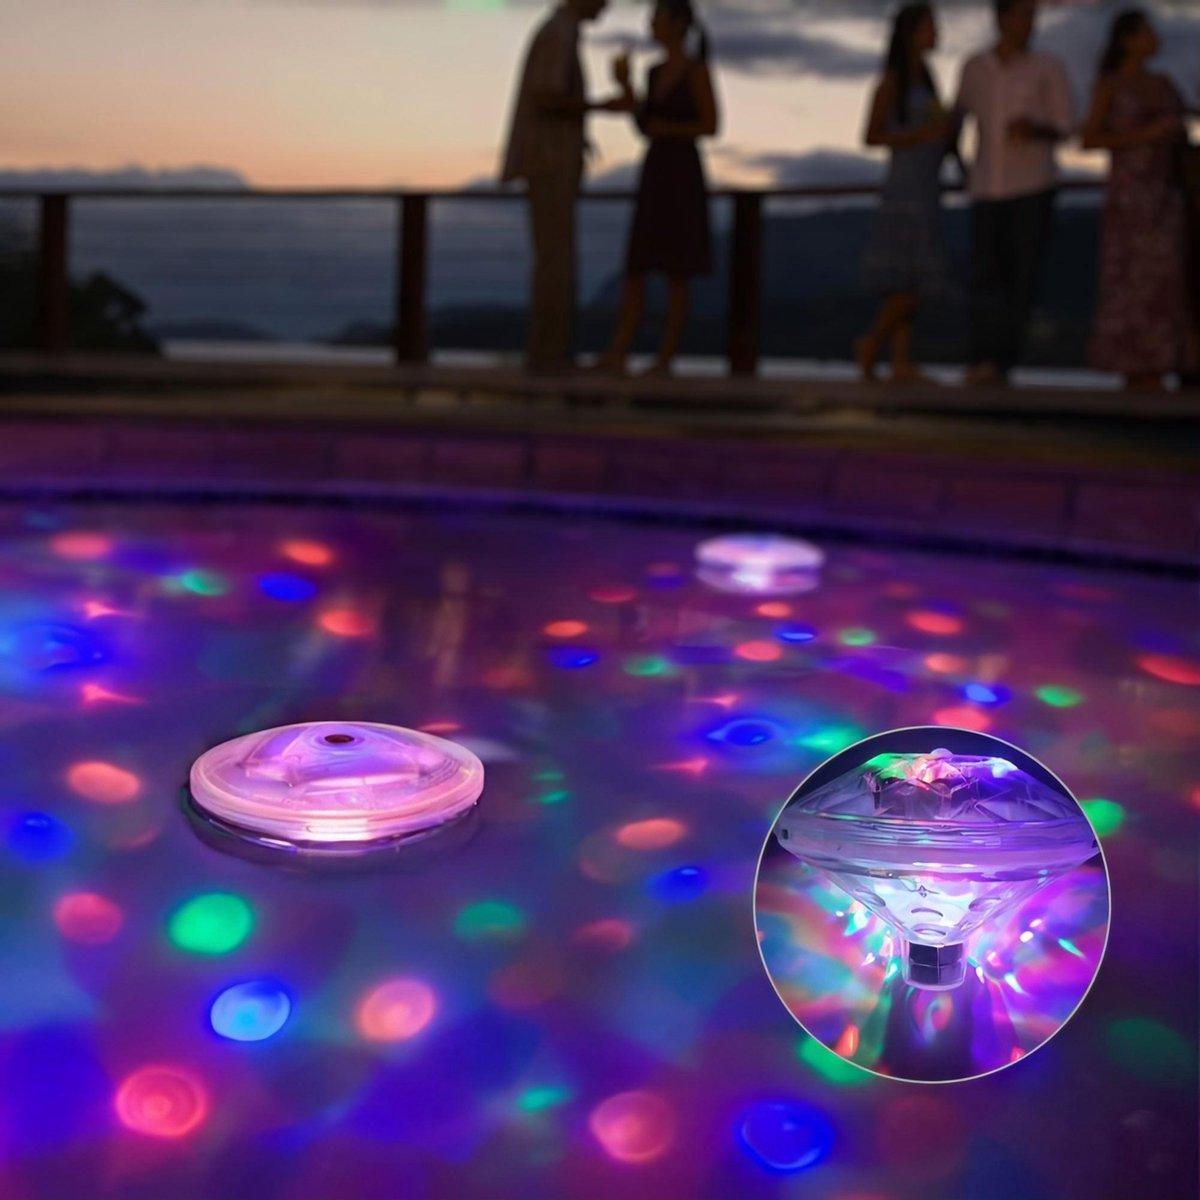 KENN Onderwater Lichtshow - 8 Standen - Led Onderwater Lamp - Underwater Lightshow - Waterdicht - Zwembadverlichting - Badspeeltje - Drijvende Discolamp